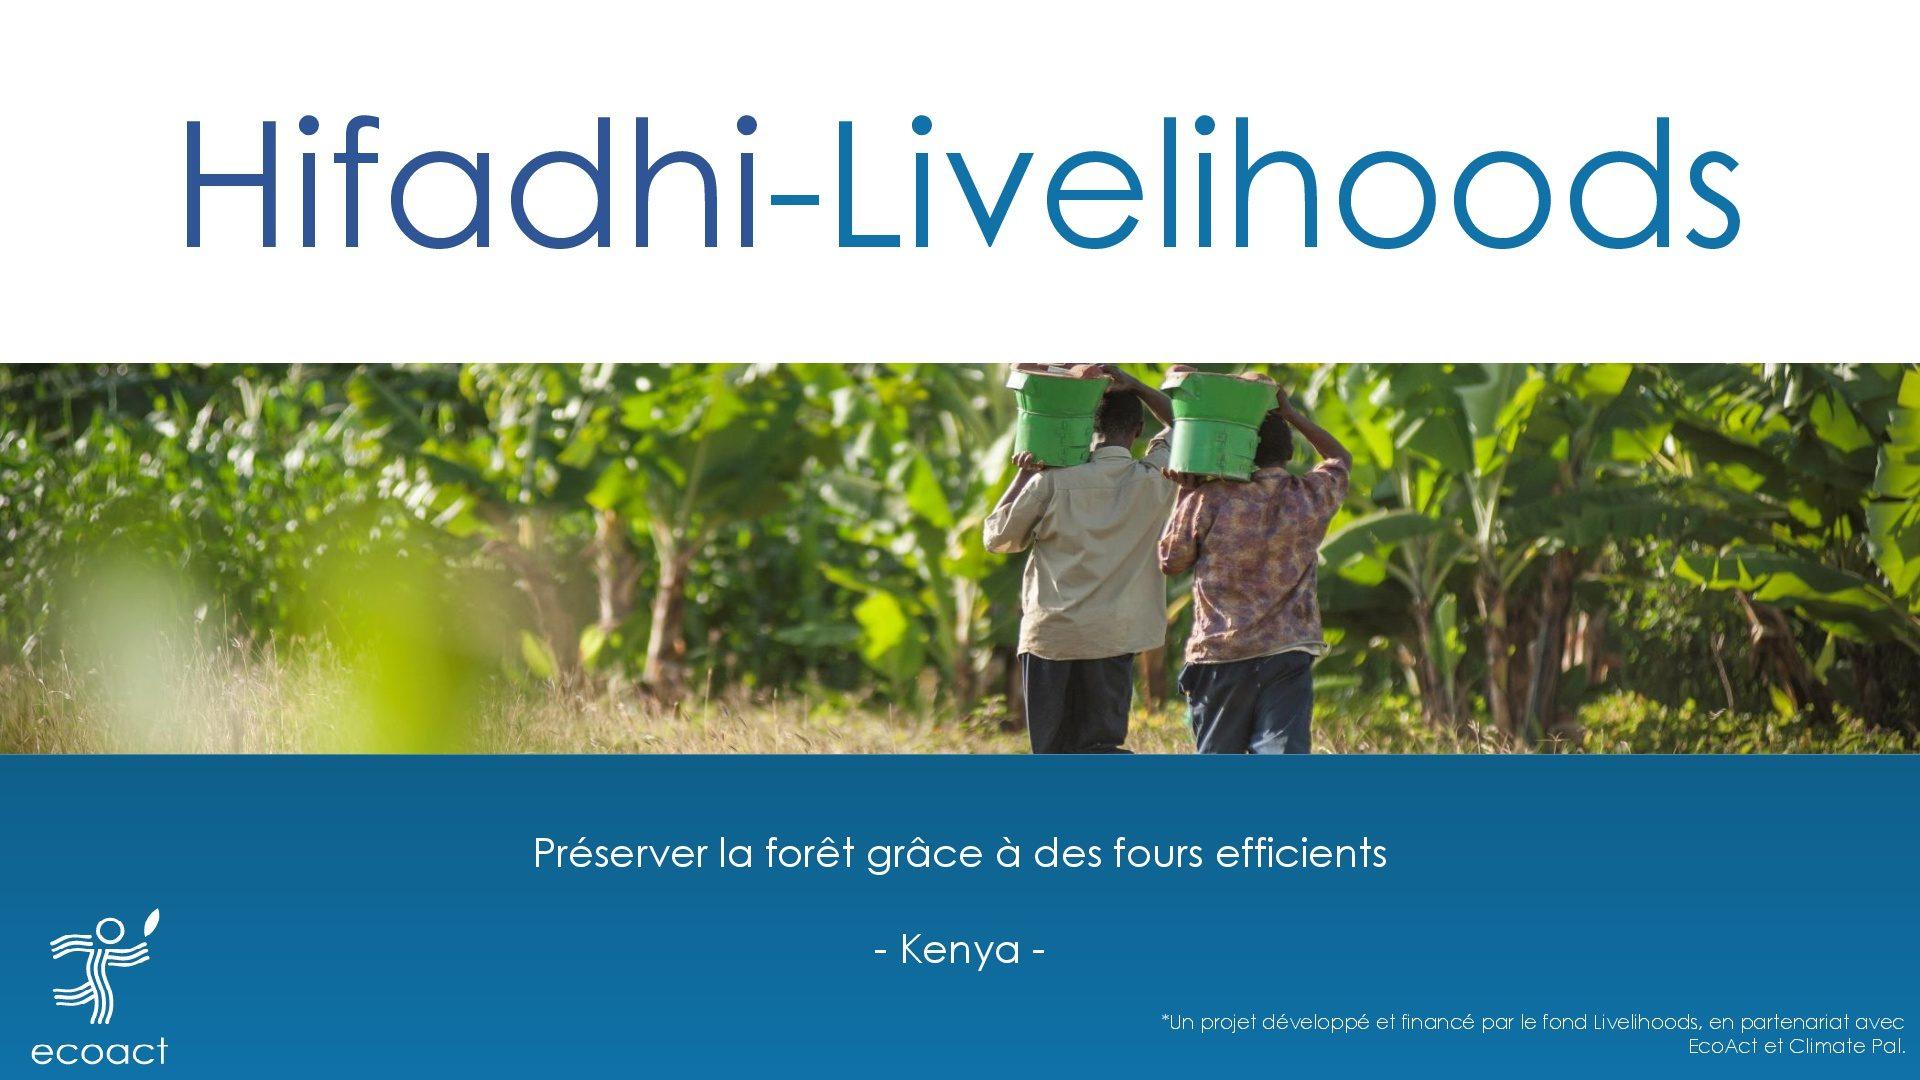 Hifadhi-Livelihoods_FR-001